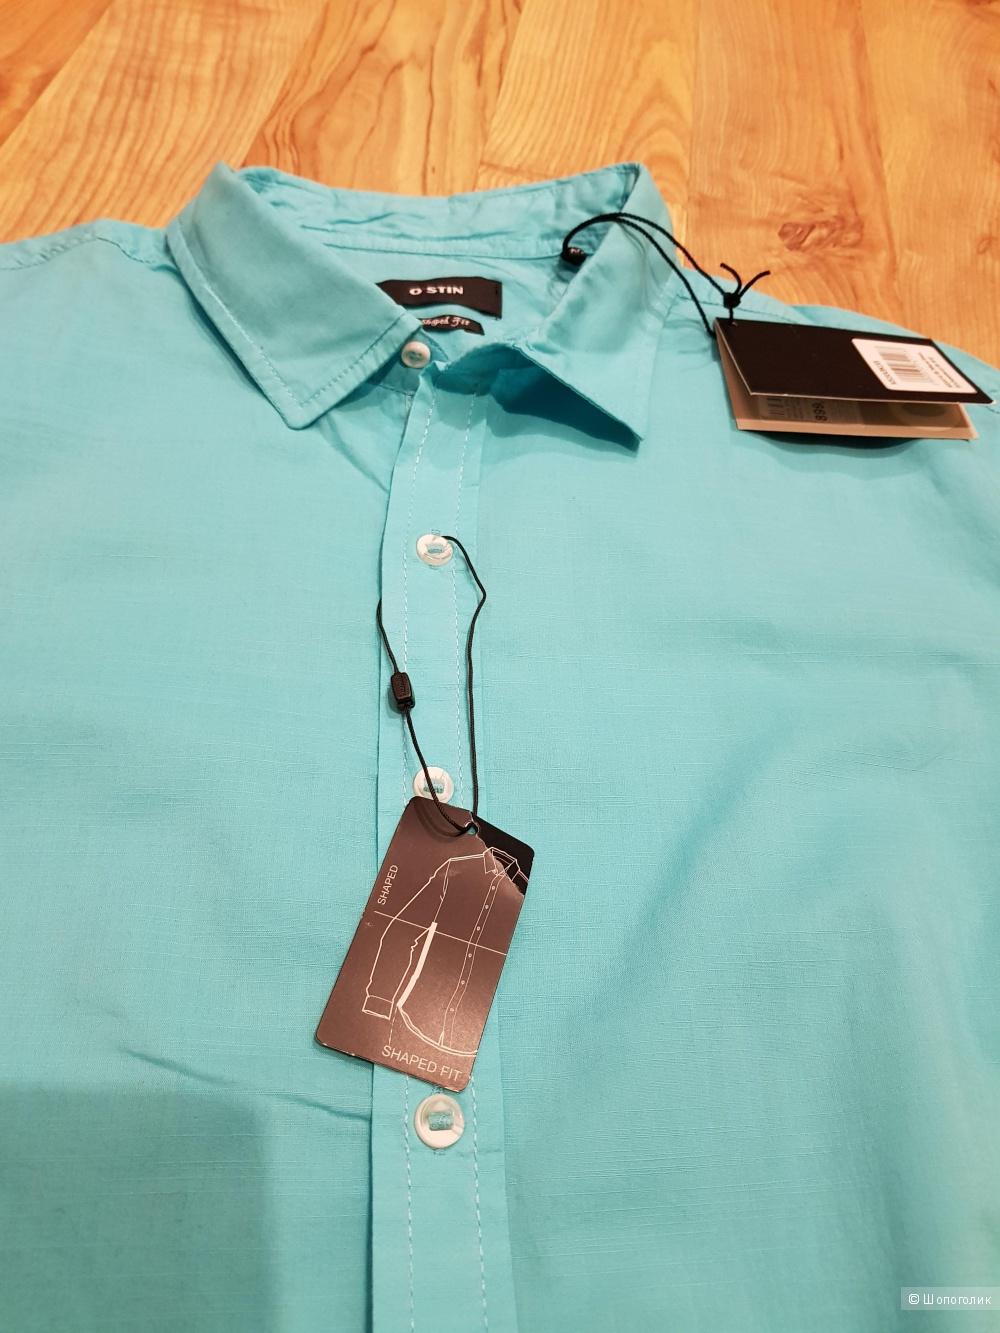 Мужская рубашка OSTIN 54-56 размер